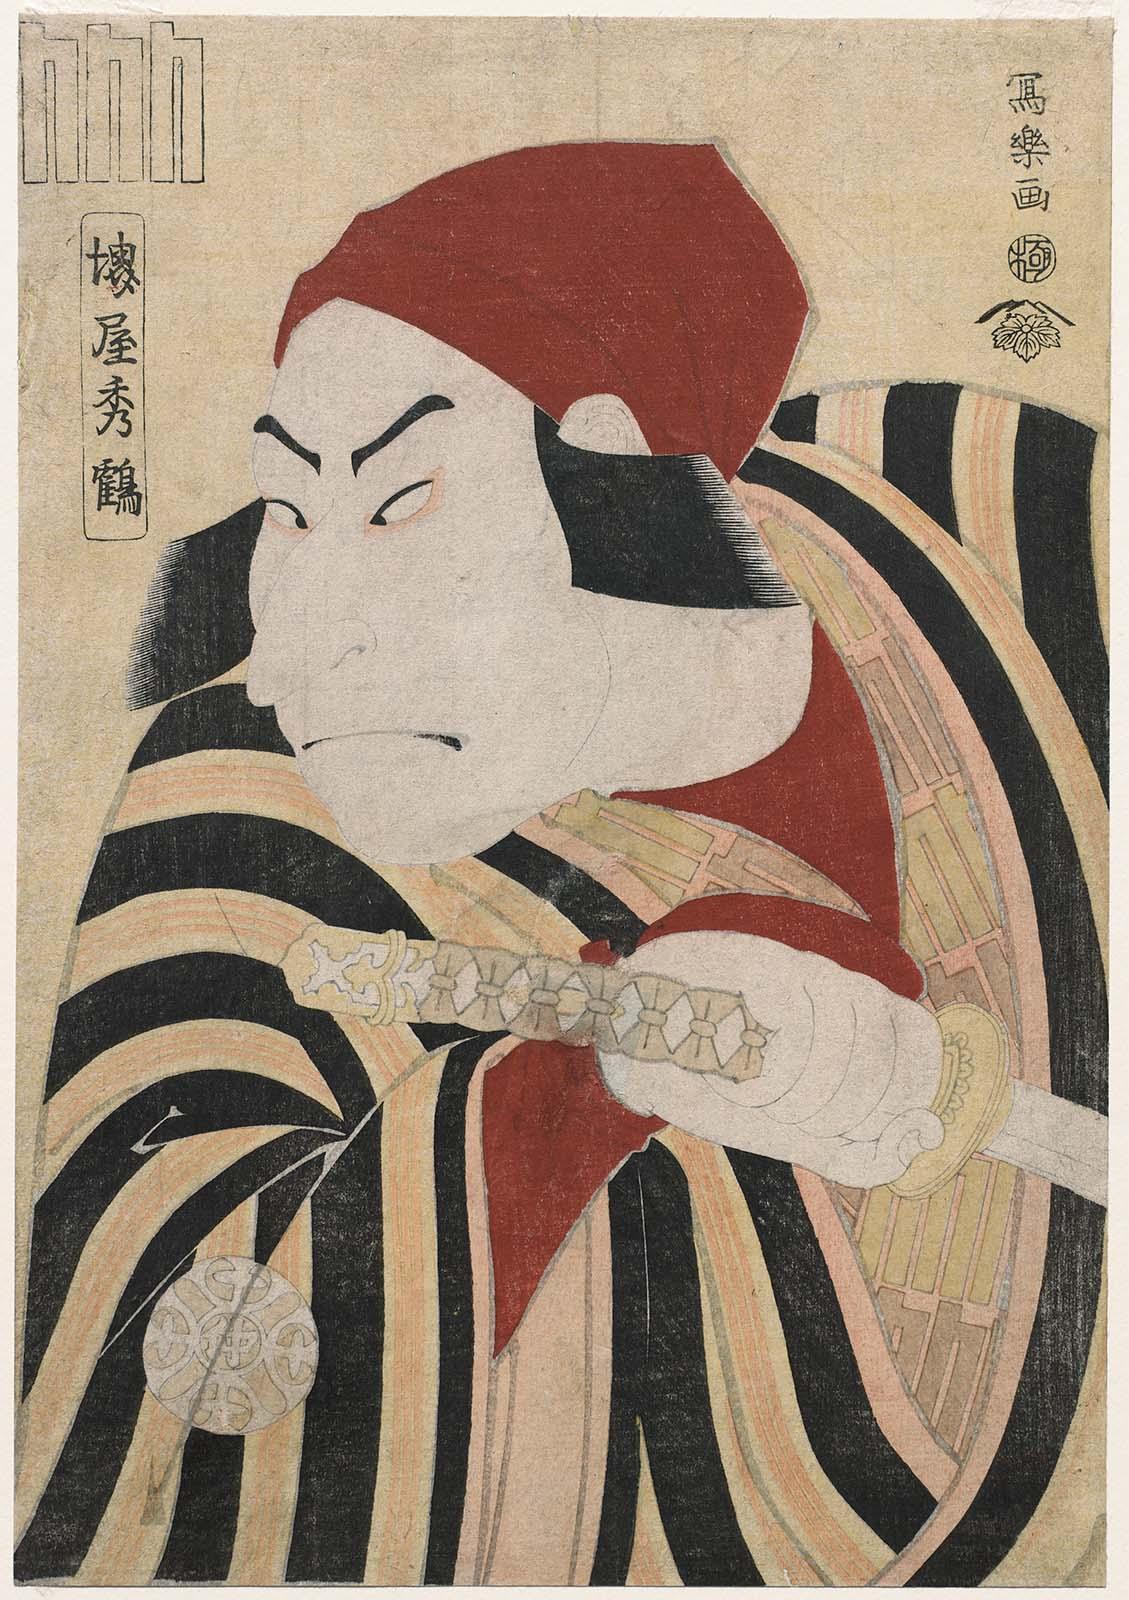 artwork by Sharaku (1794)